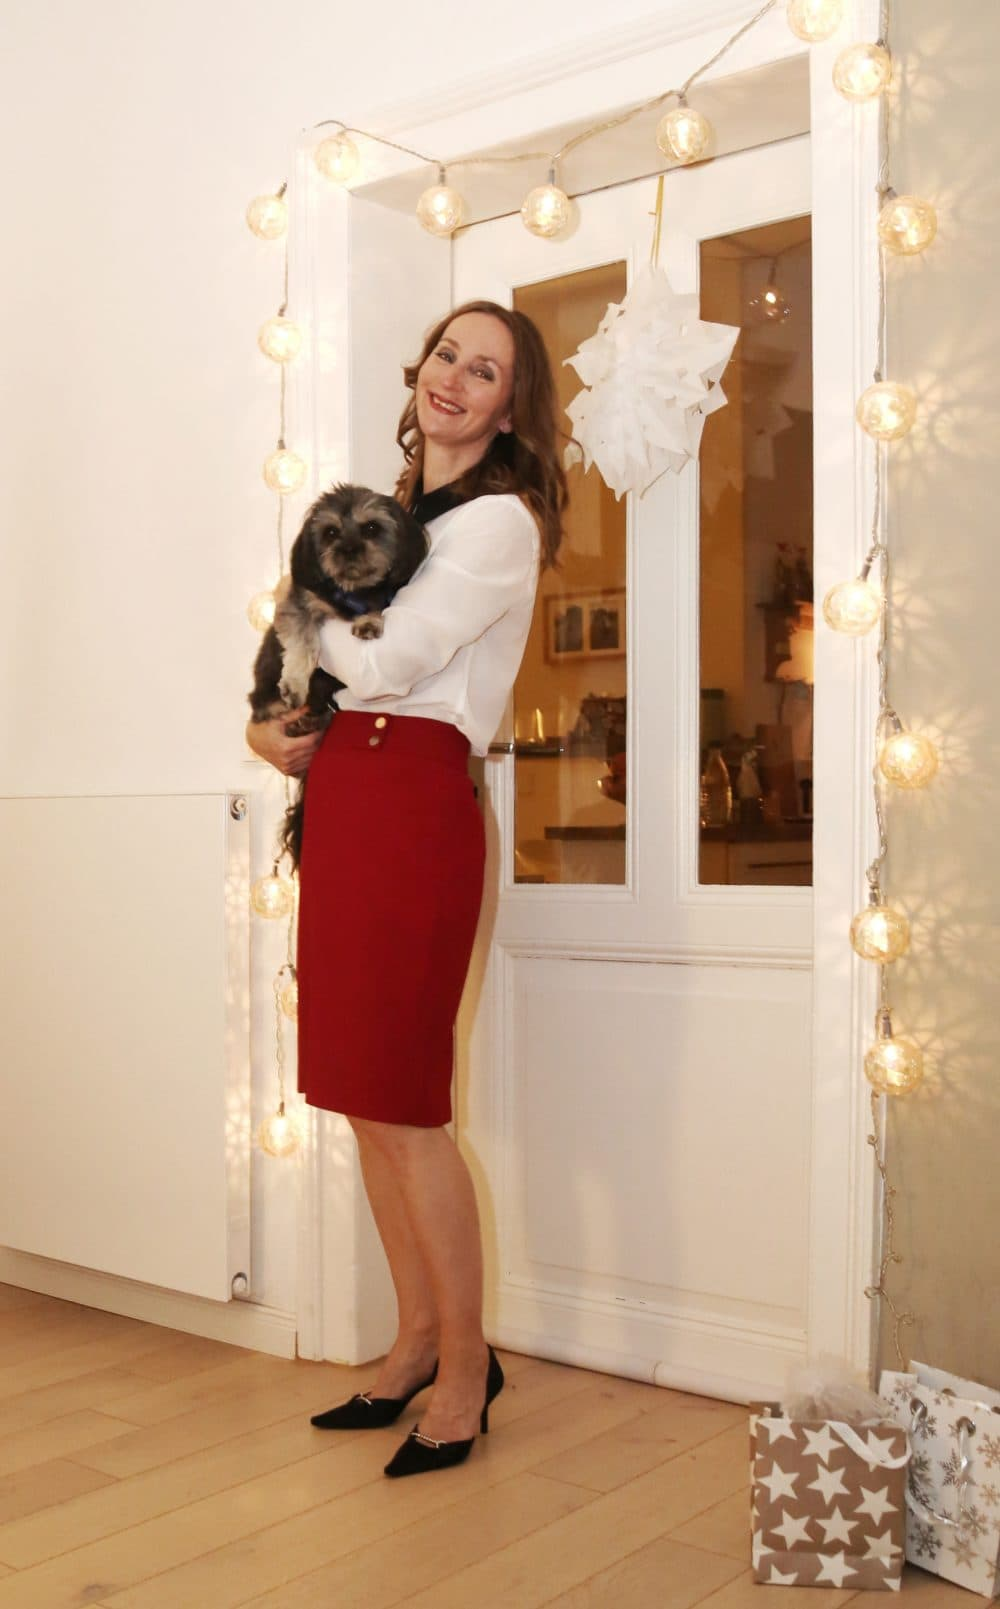 Kleinigkeiten Weihnachten-motbringsel-boss_bleistift-rock-rot_bluse_weiss_satin-pumps_mode-blog_ü50_oceanblue-style-_frankfurt (2)